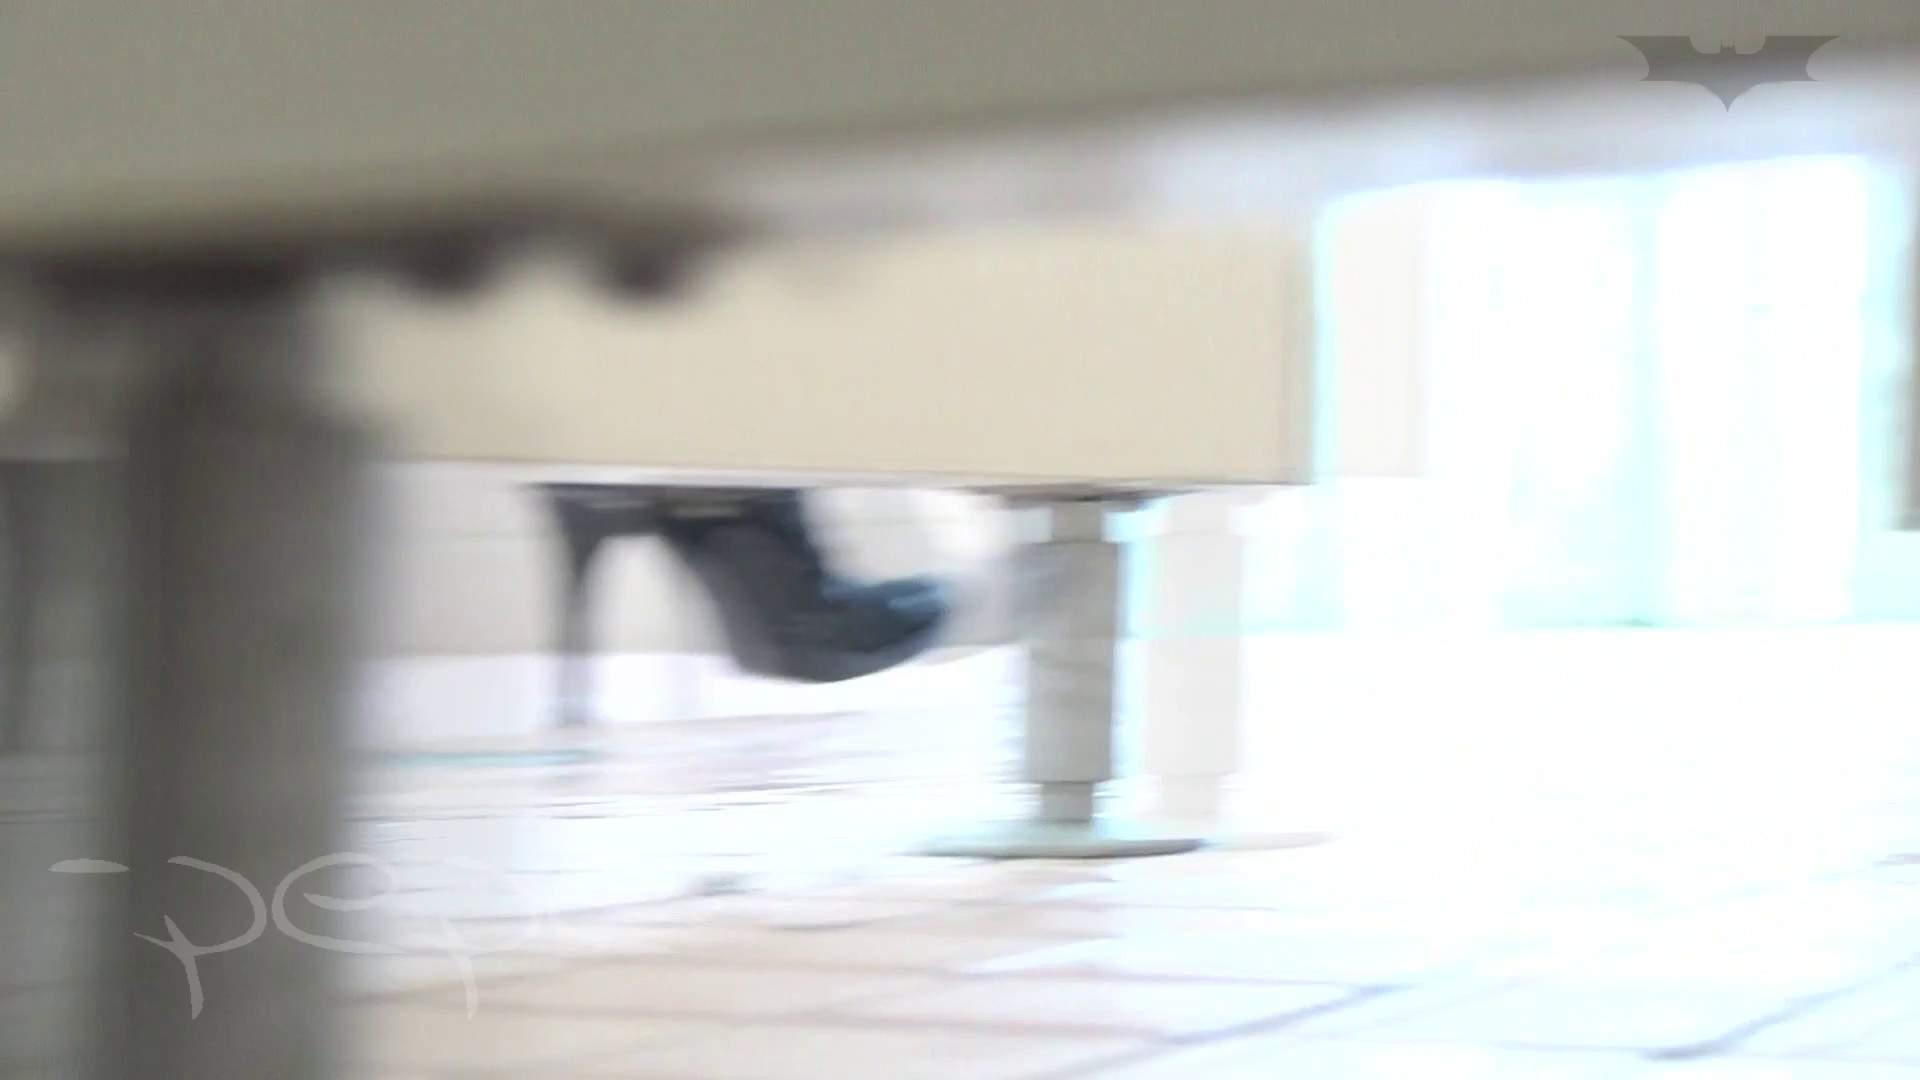 超美女ツル!うんこ見所満載! 期間限定神キタ!ツルピカの放nyo!Vol.12 盛合せ アダルト動画キャプチャ 112画像 69